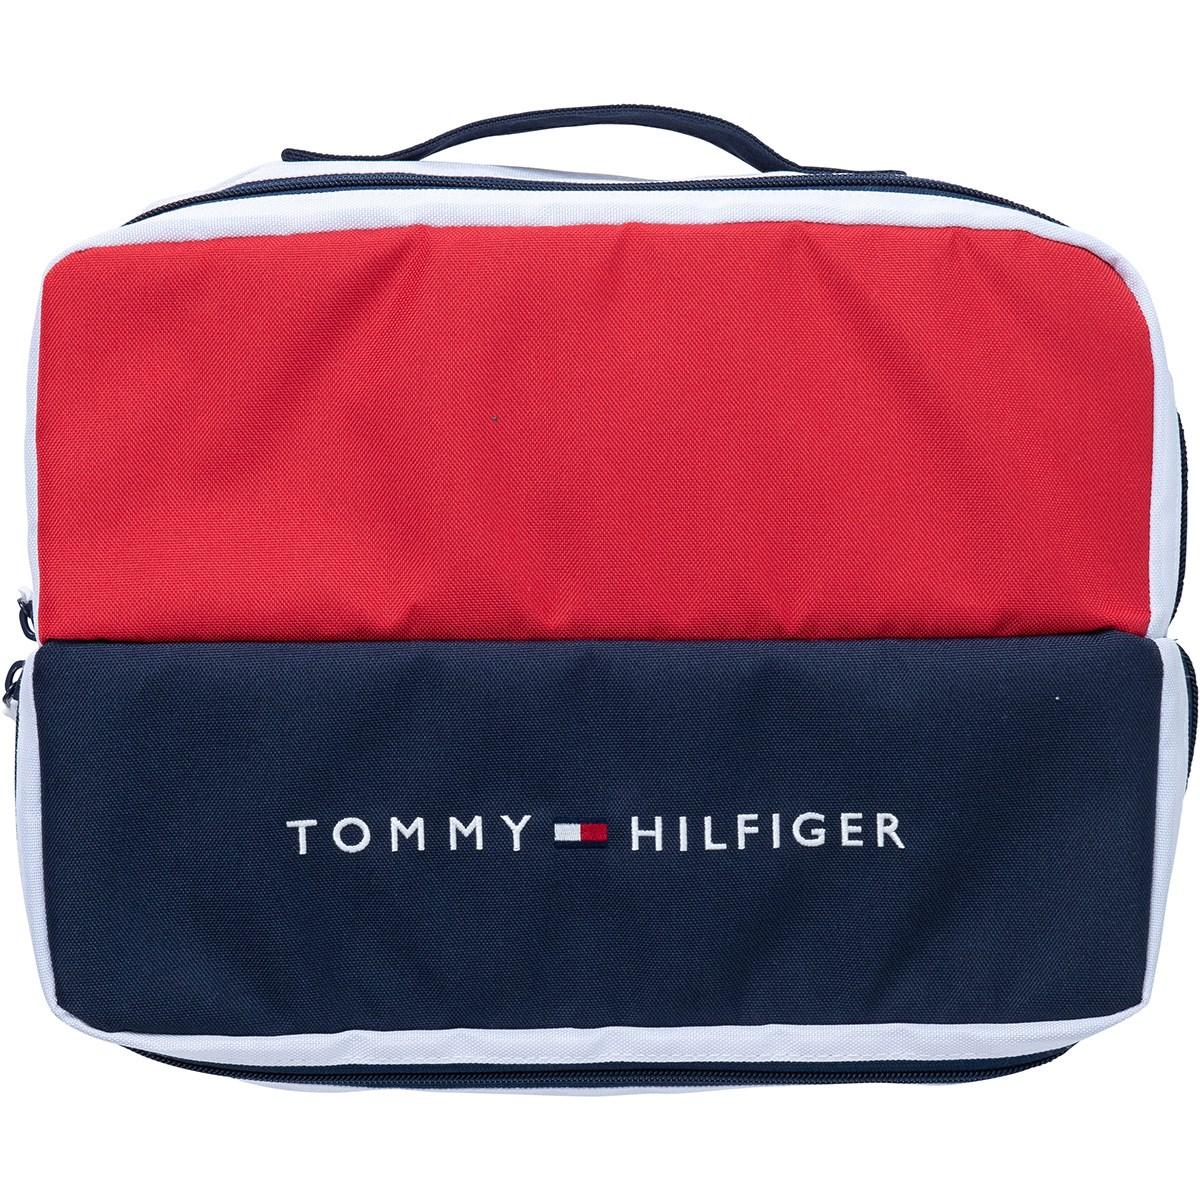 トミーヒルフィガー(Tommy Hilfiger) SIGNATURE シューズケース